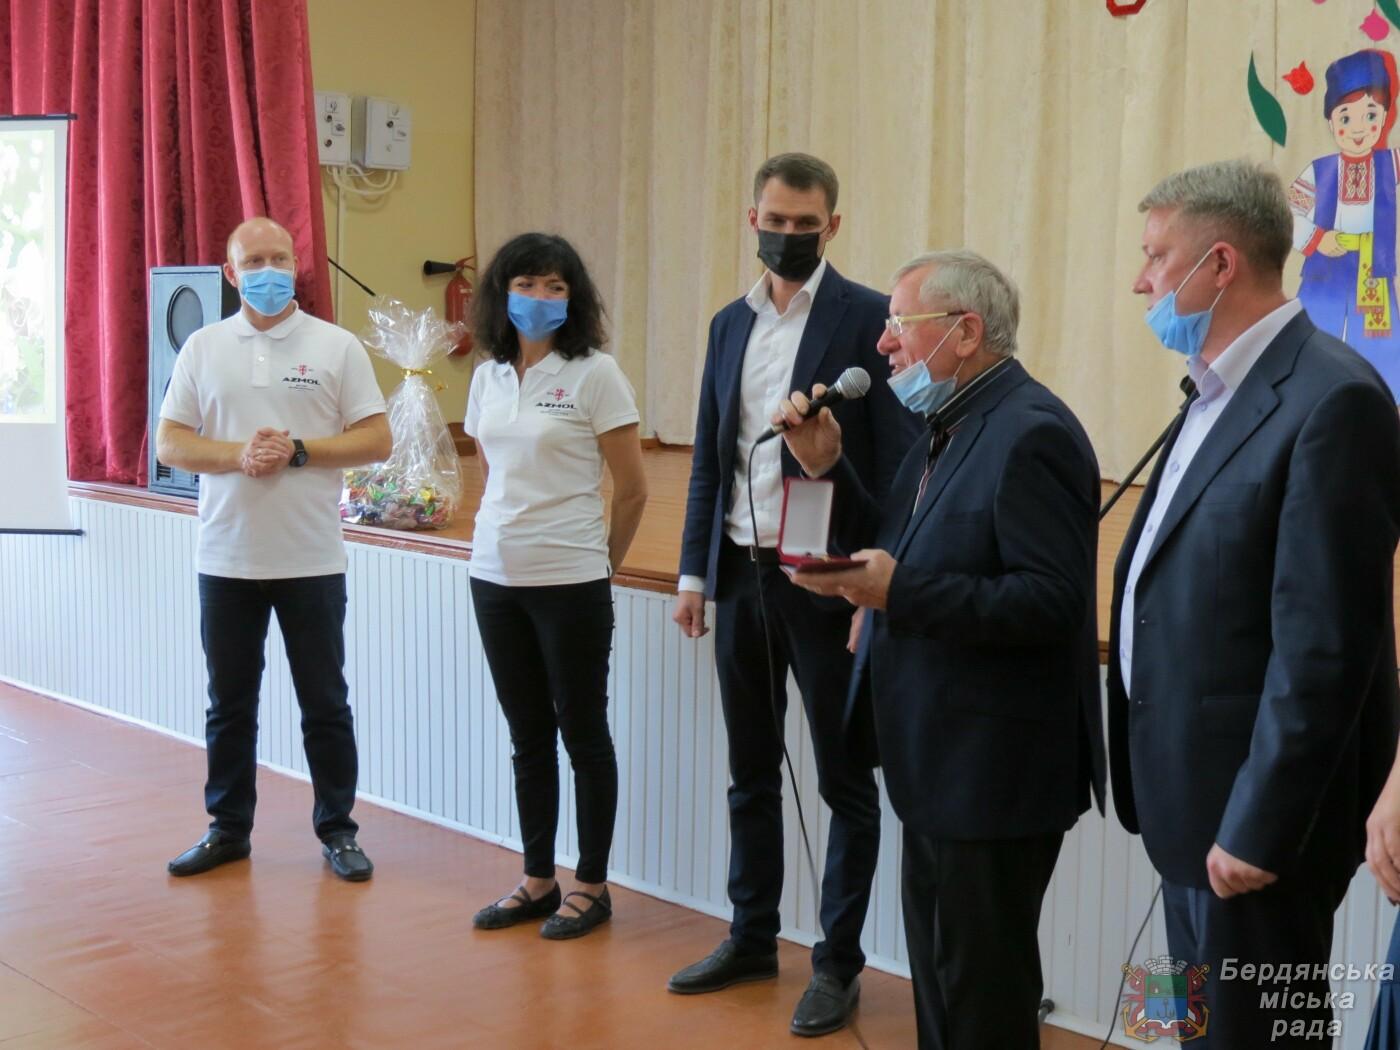 Бердянские учителя получили награды и подарки, фото-2